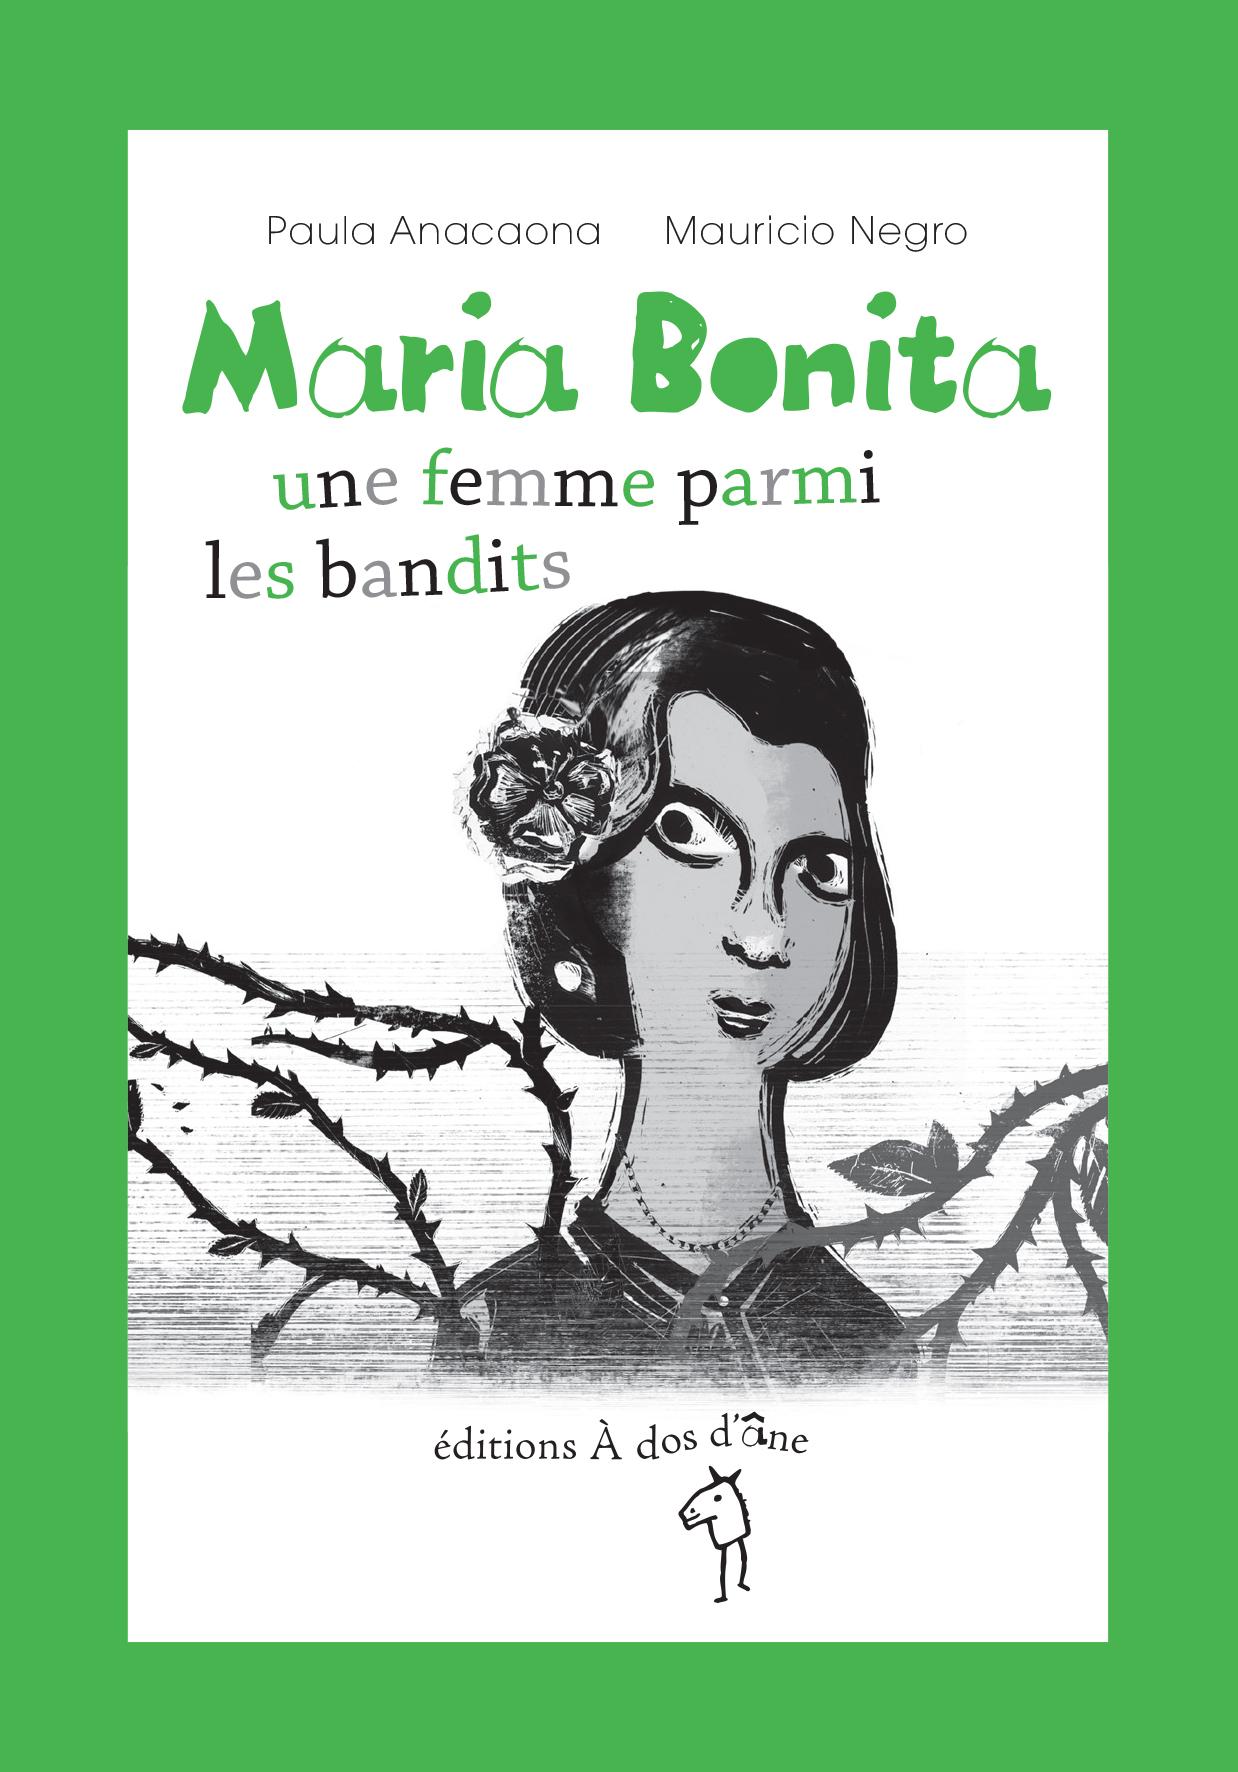 Maria bonita editions a dos d ane